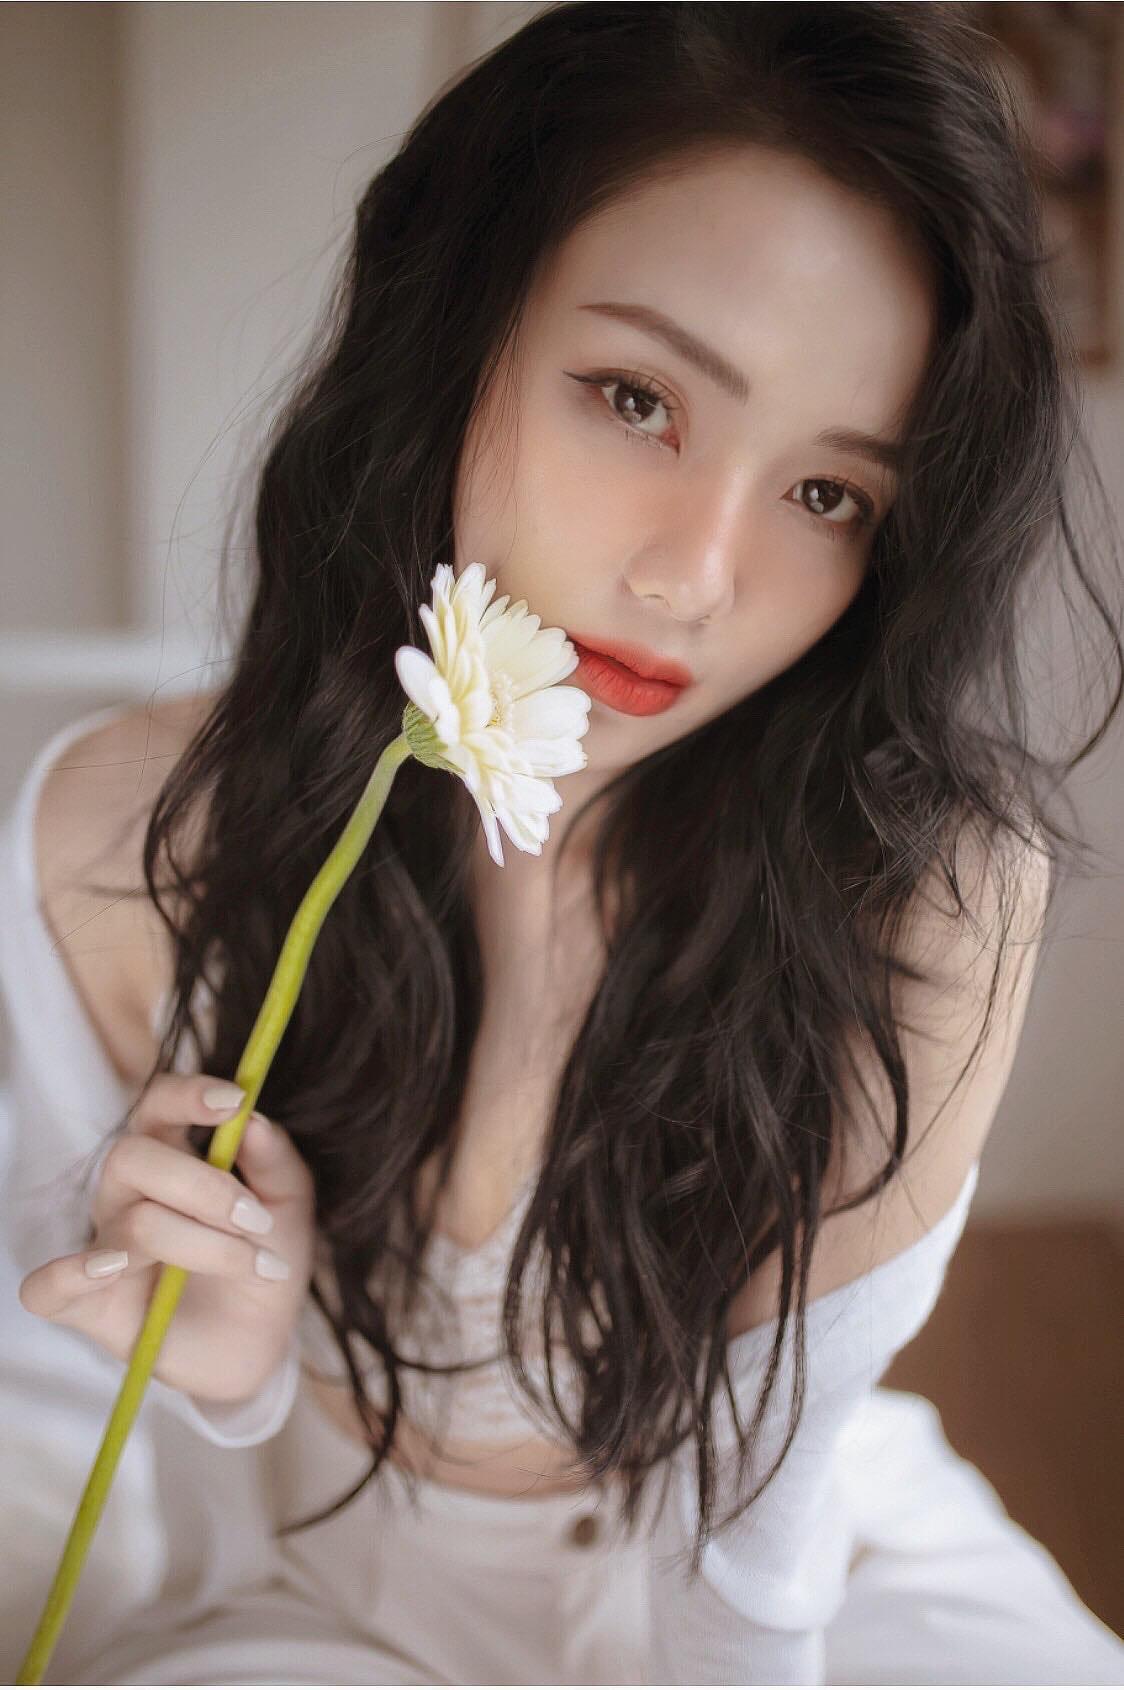 """Bị lạc ở Đài Loan, cô gái được """"ông chú"""" cảnh sát đẹp trai giúp đỡ và câu chuyện """"đánh đường"""" sang Việt Nam tìm vợ - ảnh 5"""